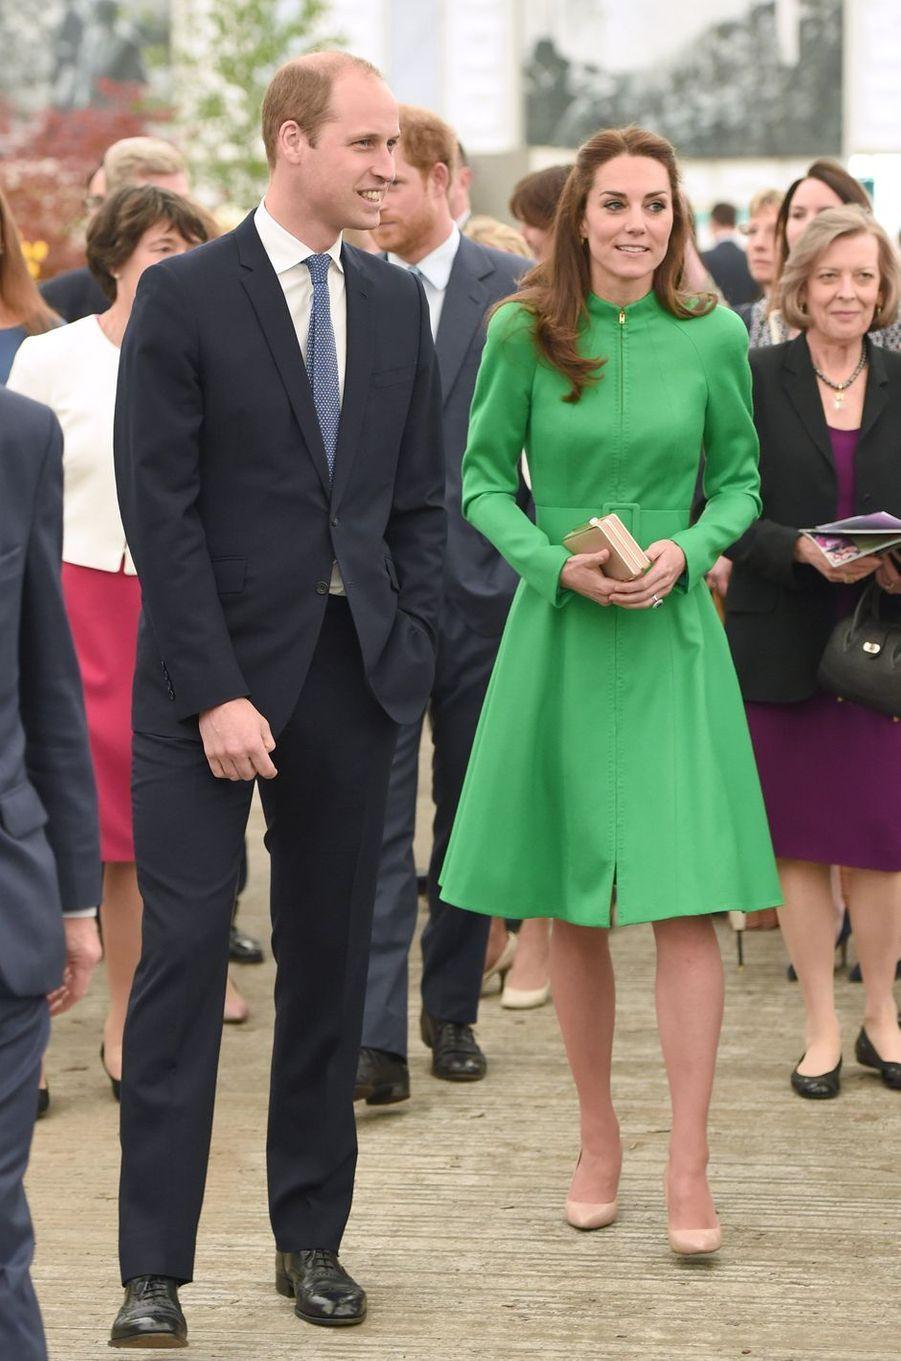 La duchesse de Cambridge, née Kate Middleton, dans une robe-manteau Catherine Walker au Chelsea Flower Show à Londres, le 23 mai 2016